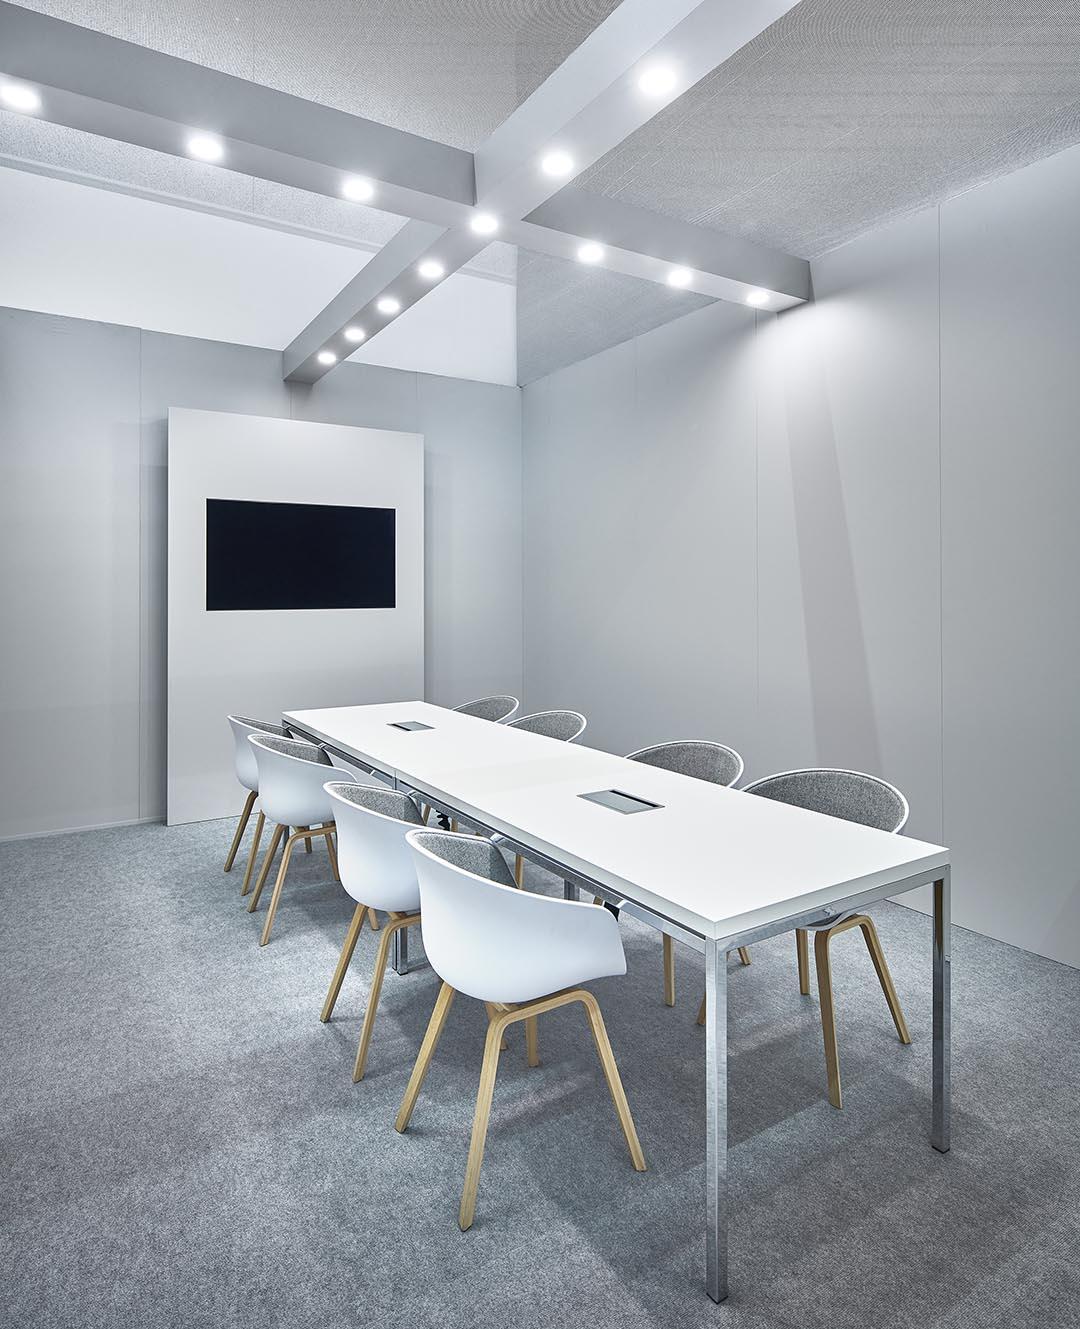 Innenarchitektur für Besprechungsraum